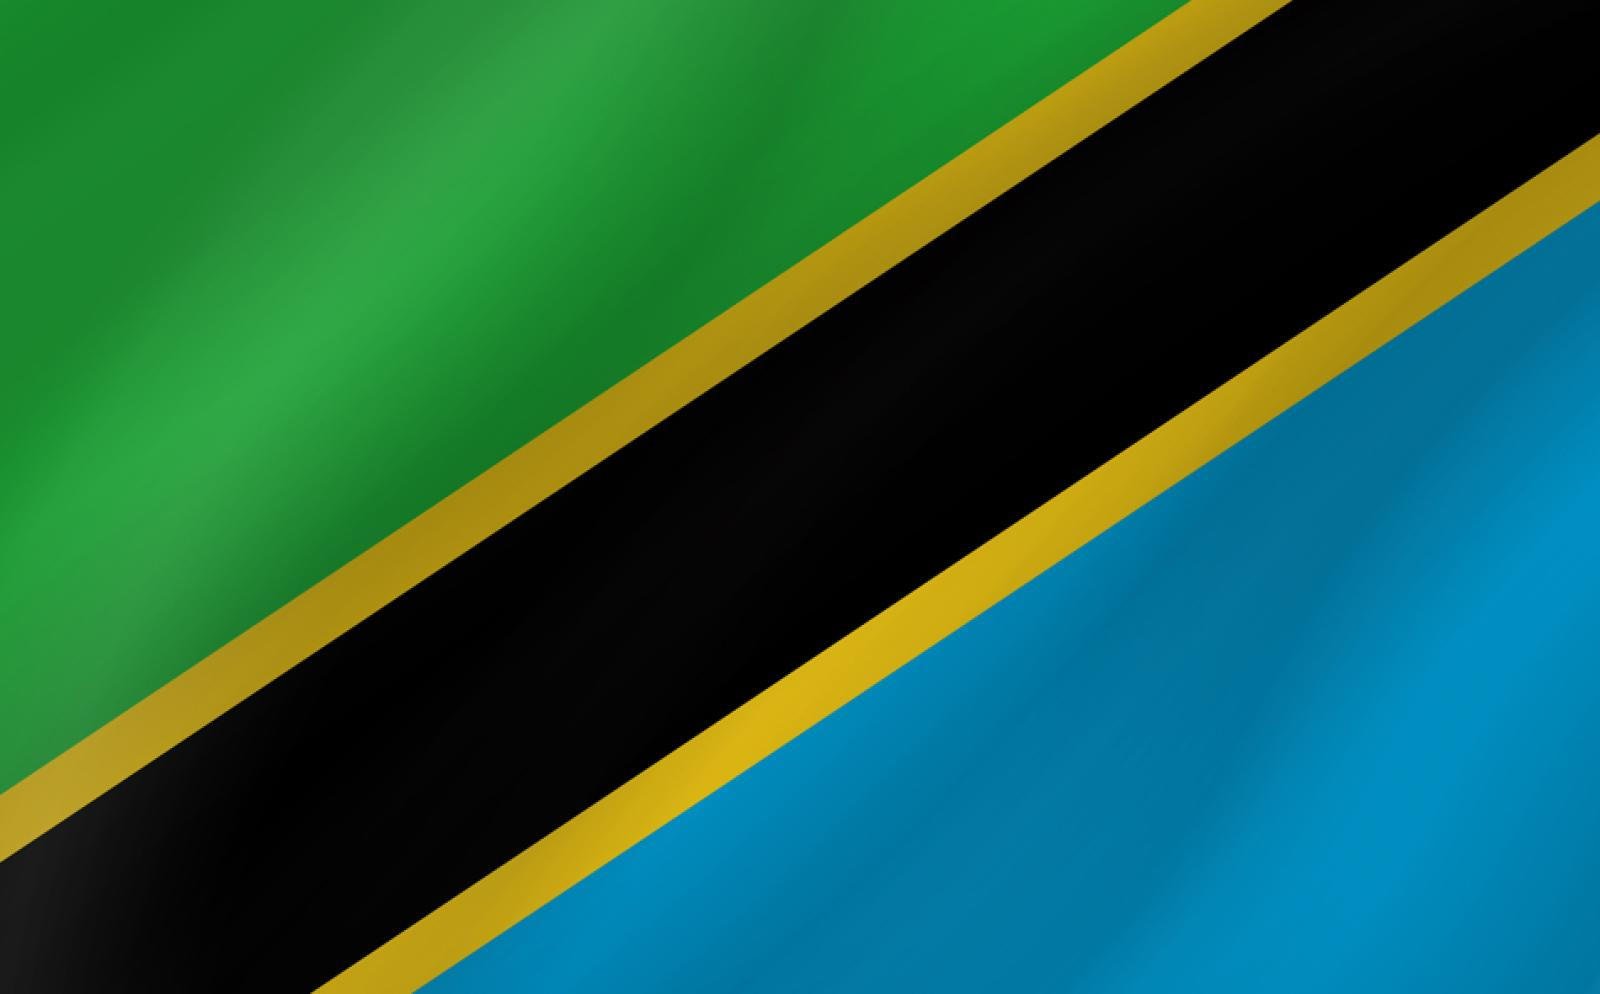 タンザニアの国旗